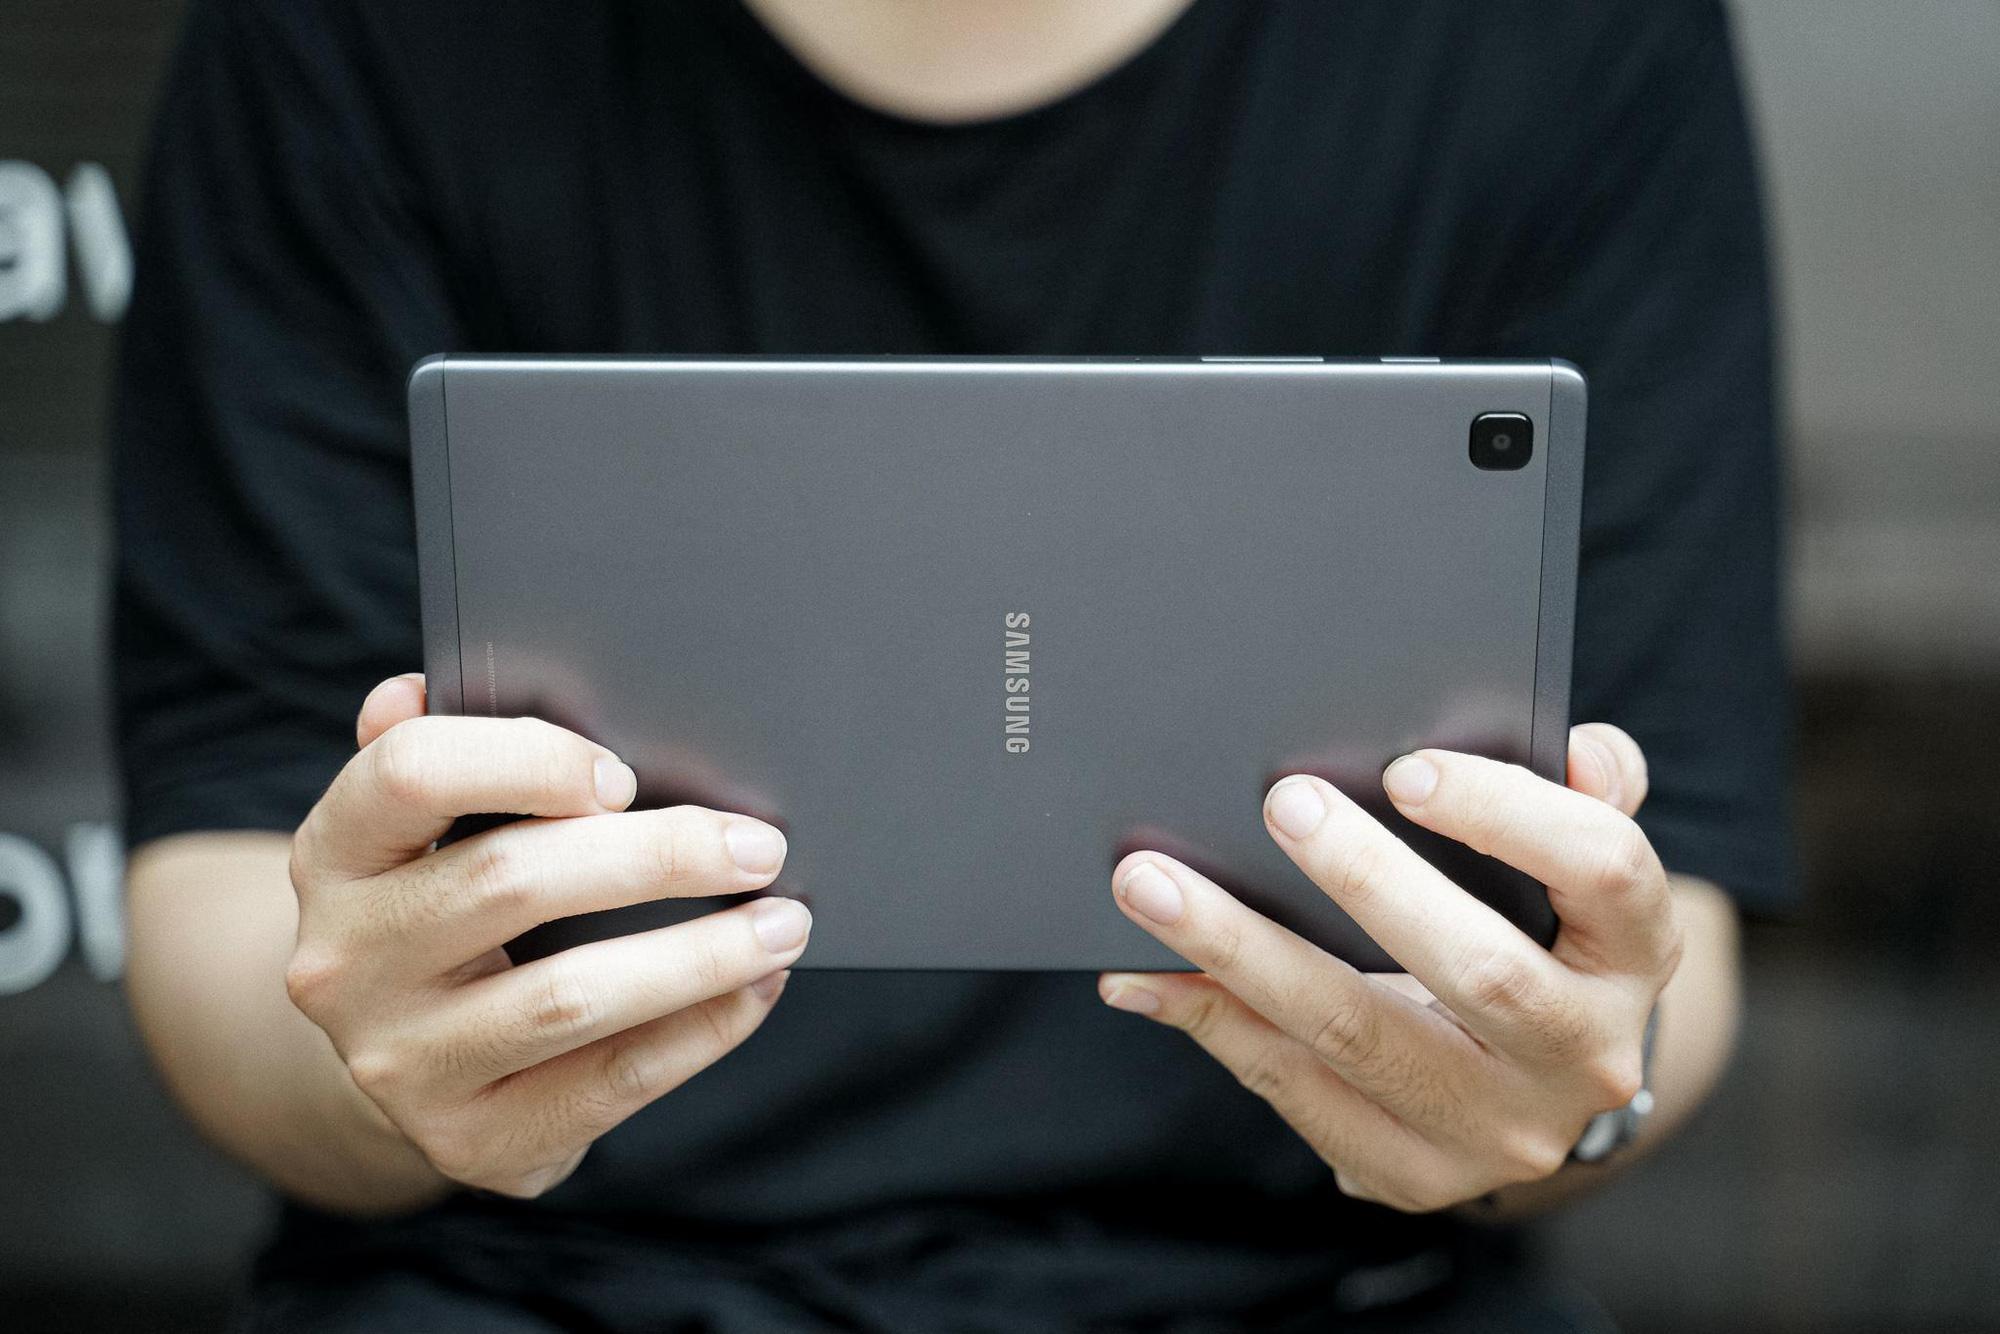 Nhìn những hình ảnh này mới thấy tablet phổ thông giờ vừa đẹp vừa xịn khác gì hàng cao cấp đâu - Ảnh 10.